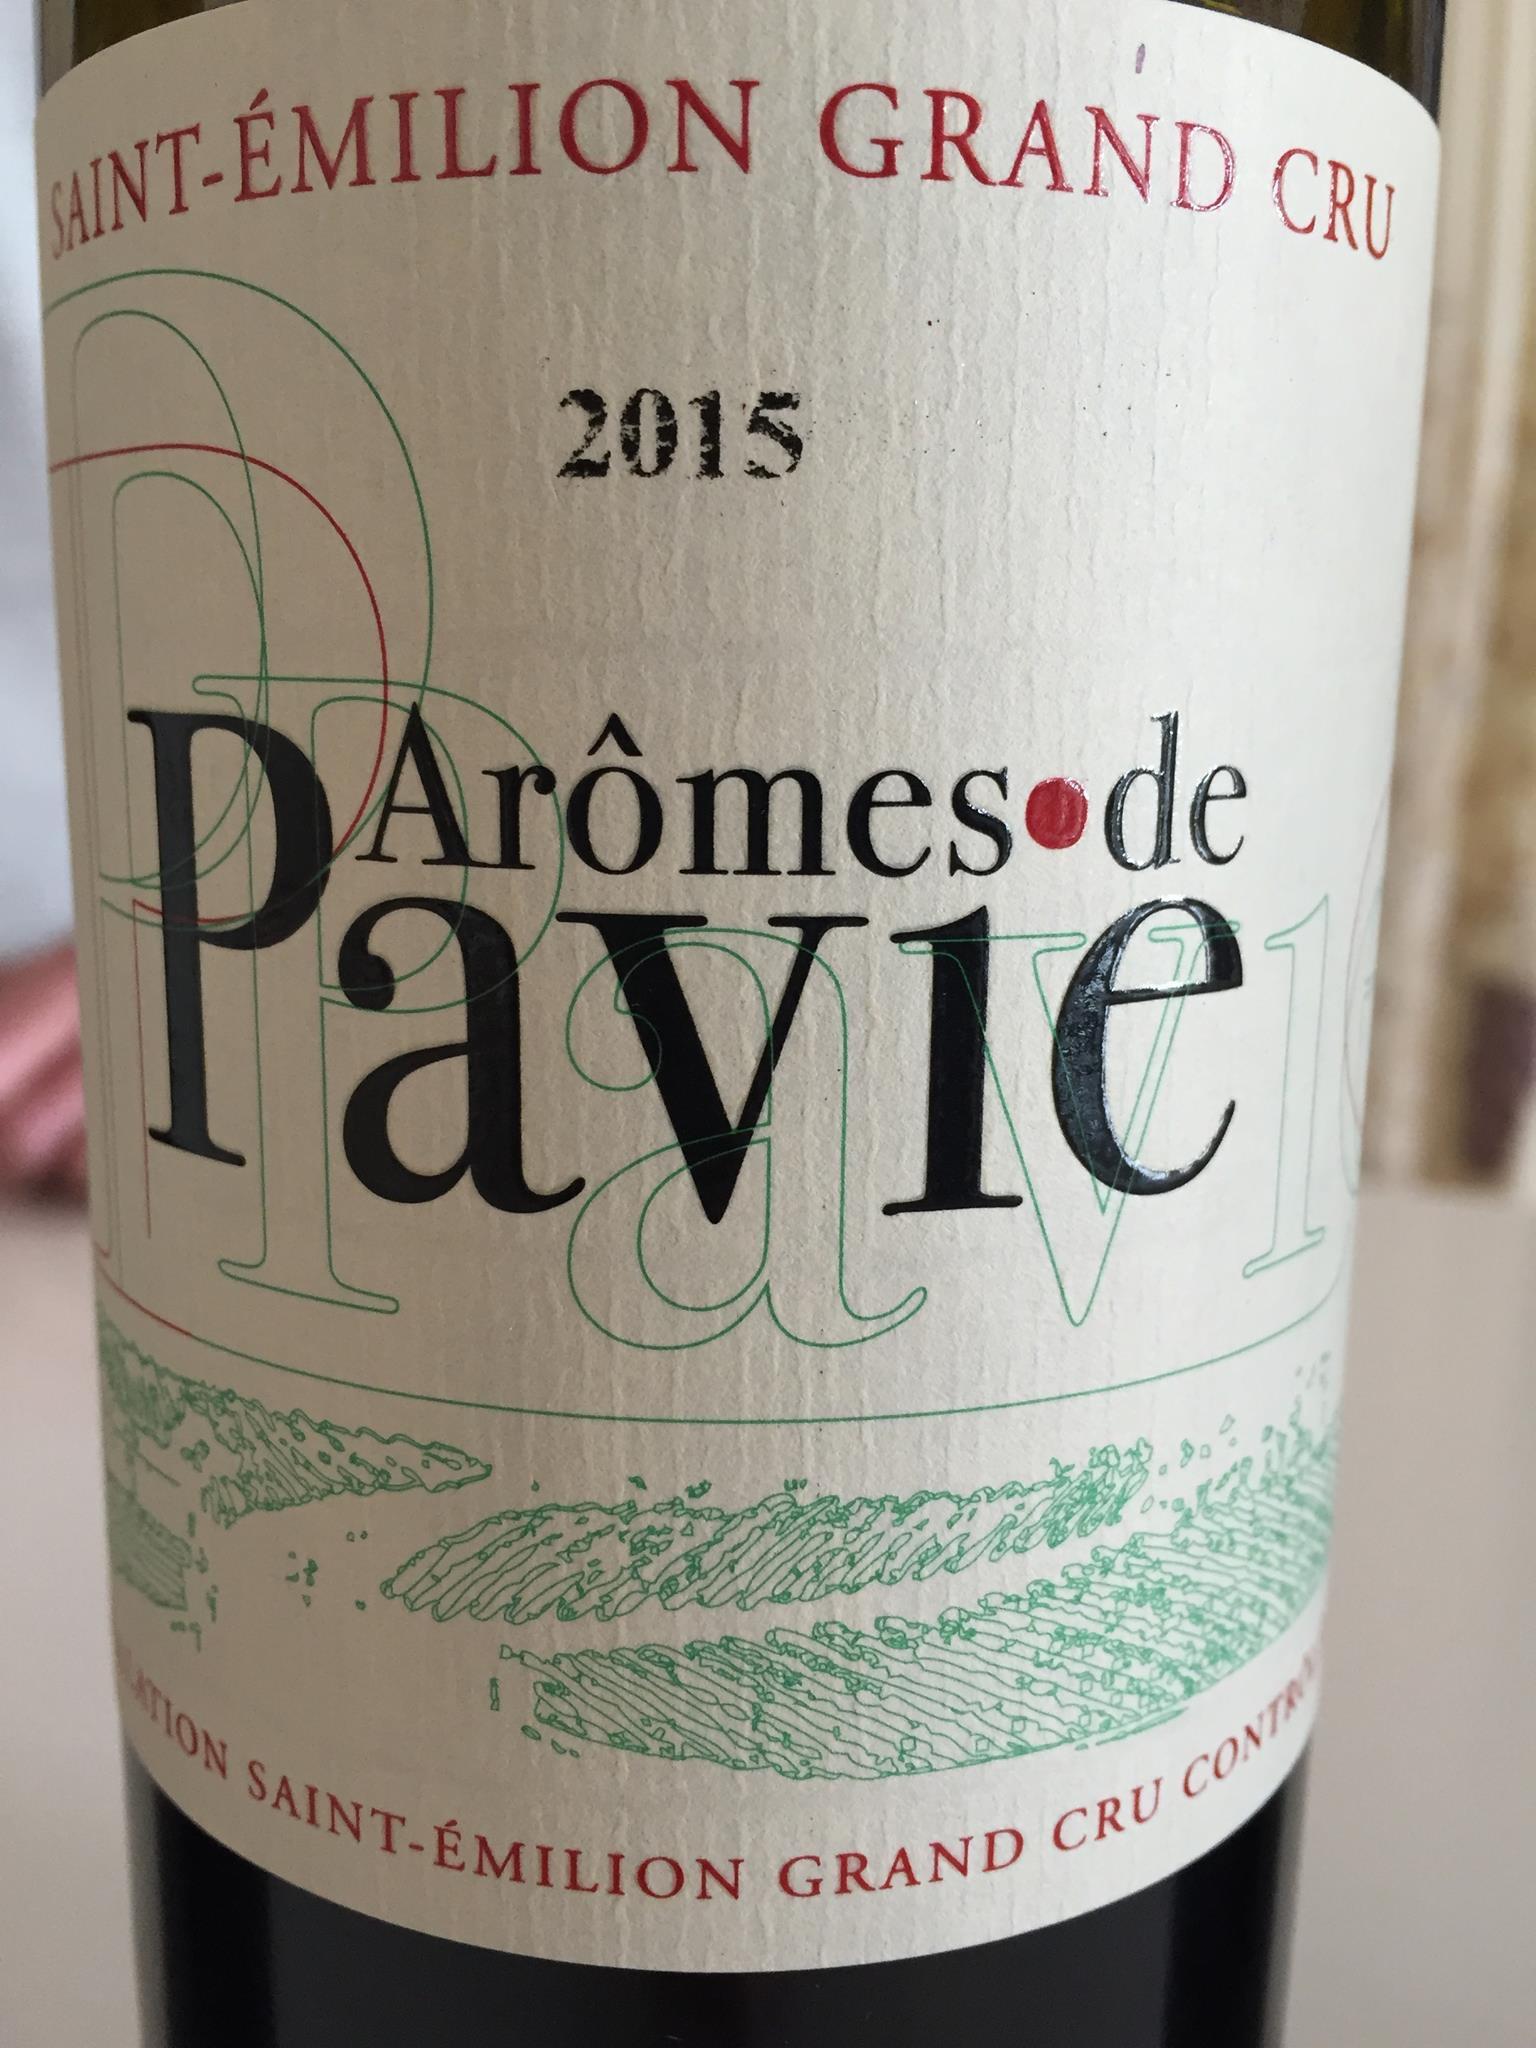 Arômes de Pavie 2015 – Saint-Emilion Grand Cru